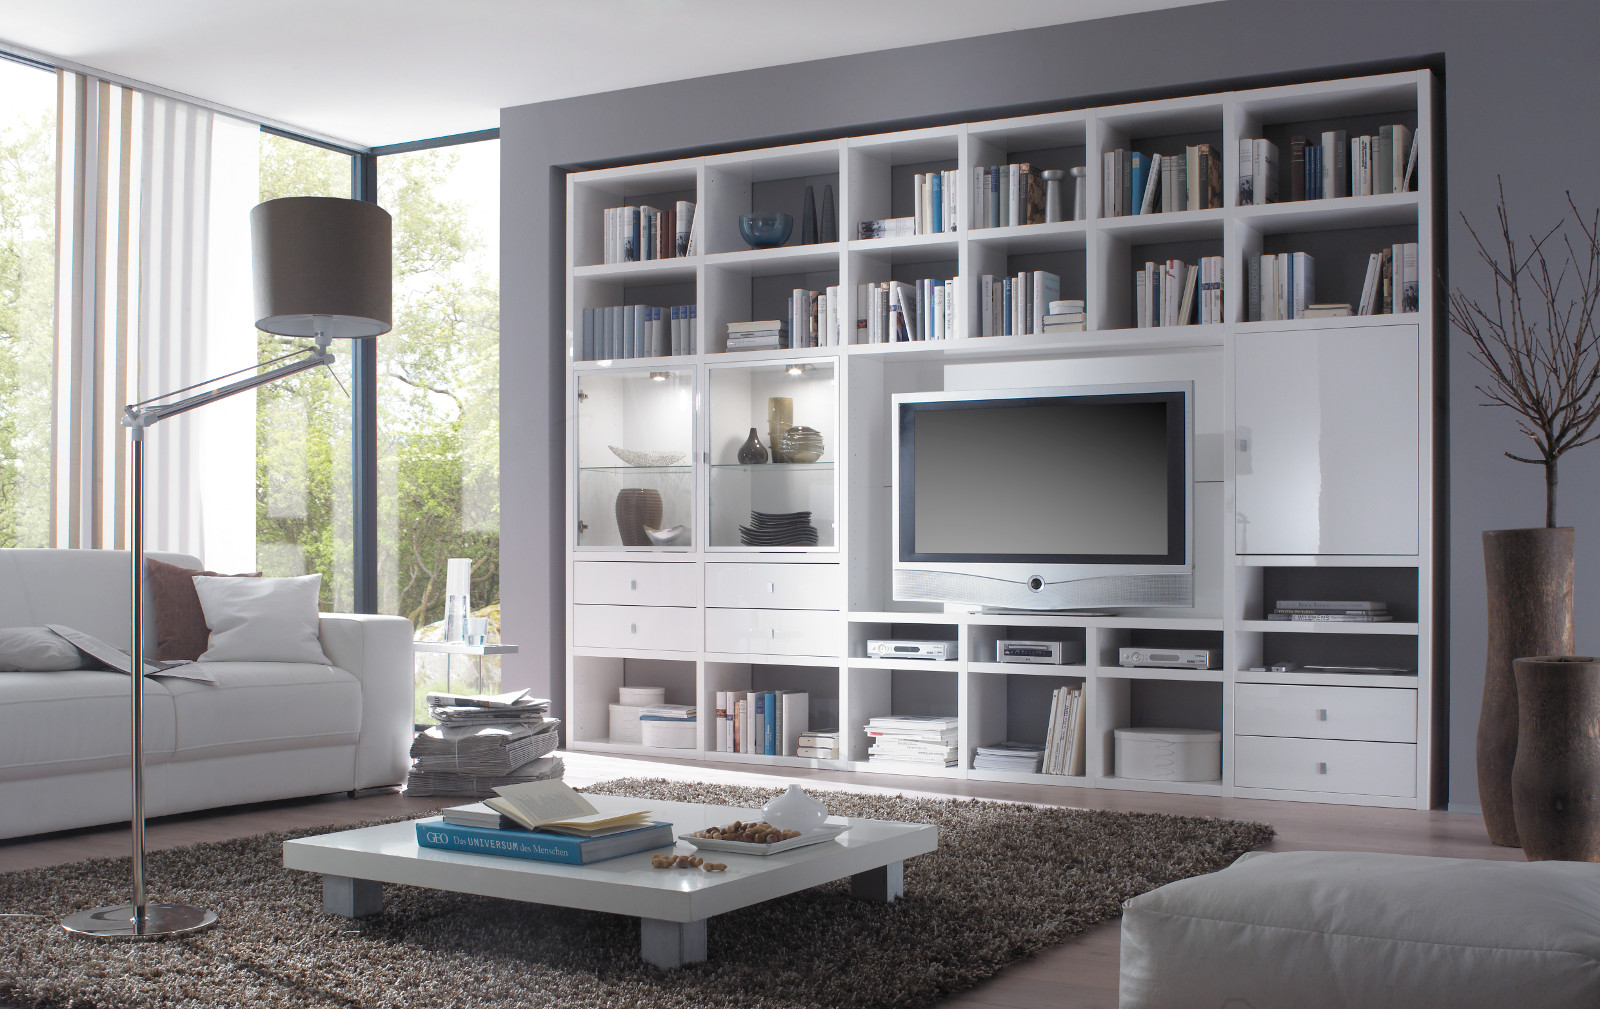 wohnwand b cherwand lack wei matt eiche natur. Black Bedroom Furniture Sets. Home Design Ideas